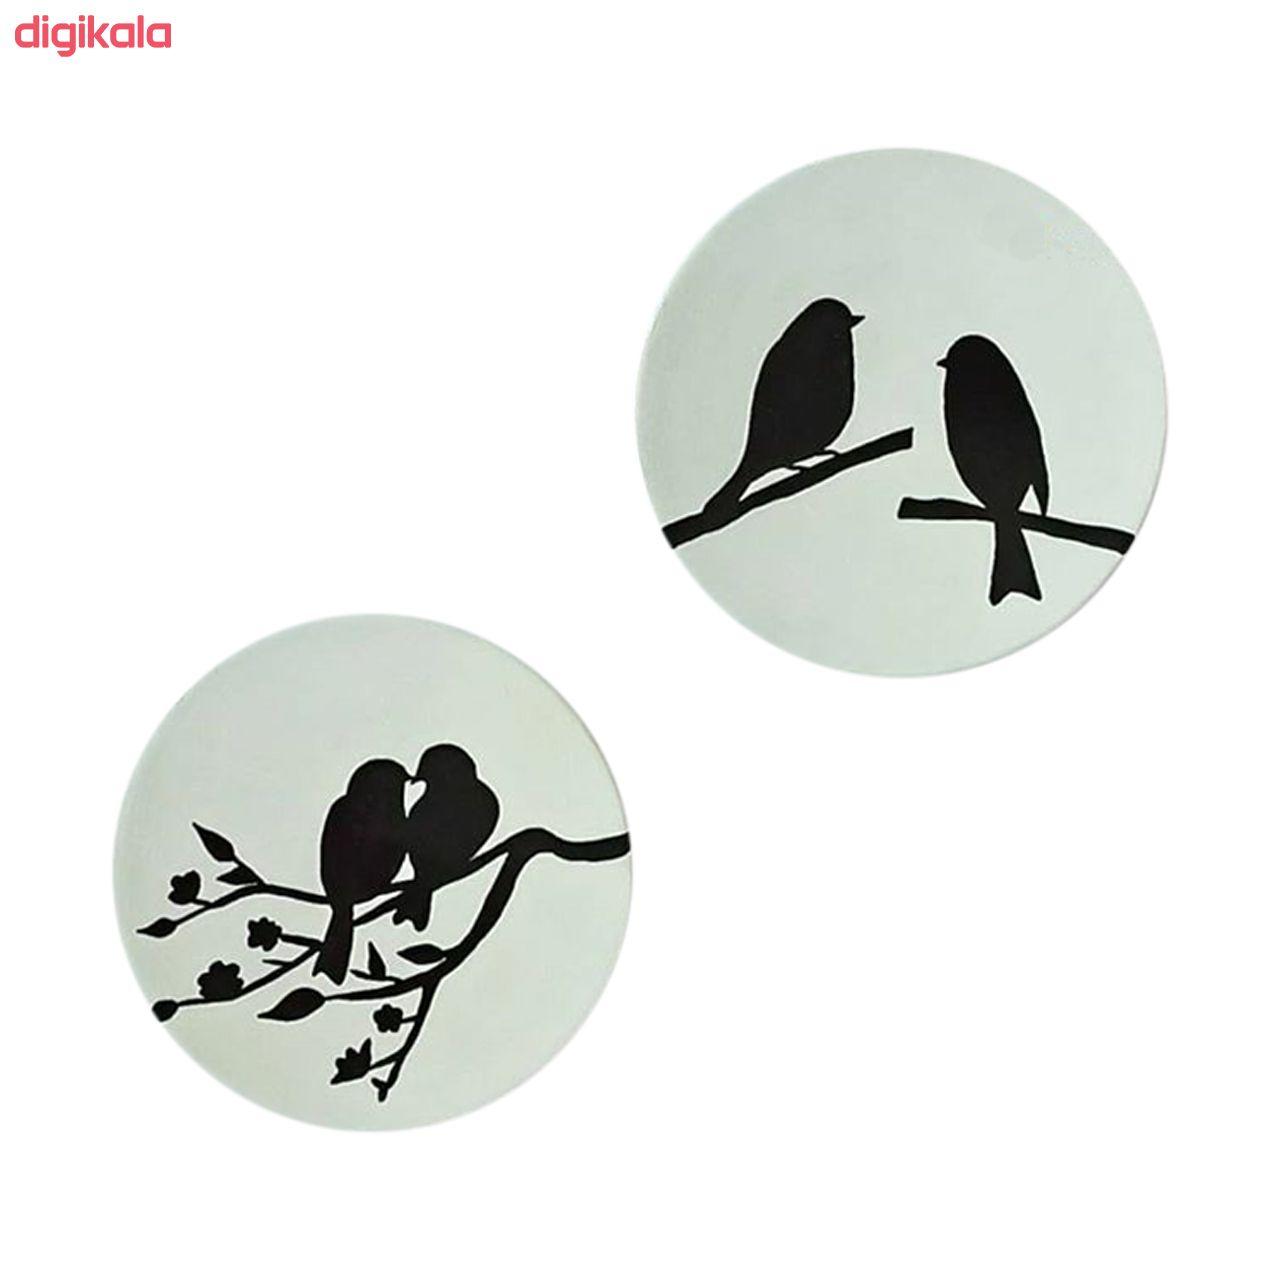 بشقاب دیوارکوب سفالی طرح پرنده کد D114-A مجموعه 7 عددی main 1 2